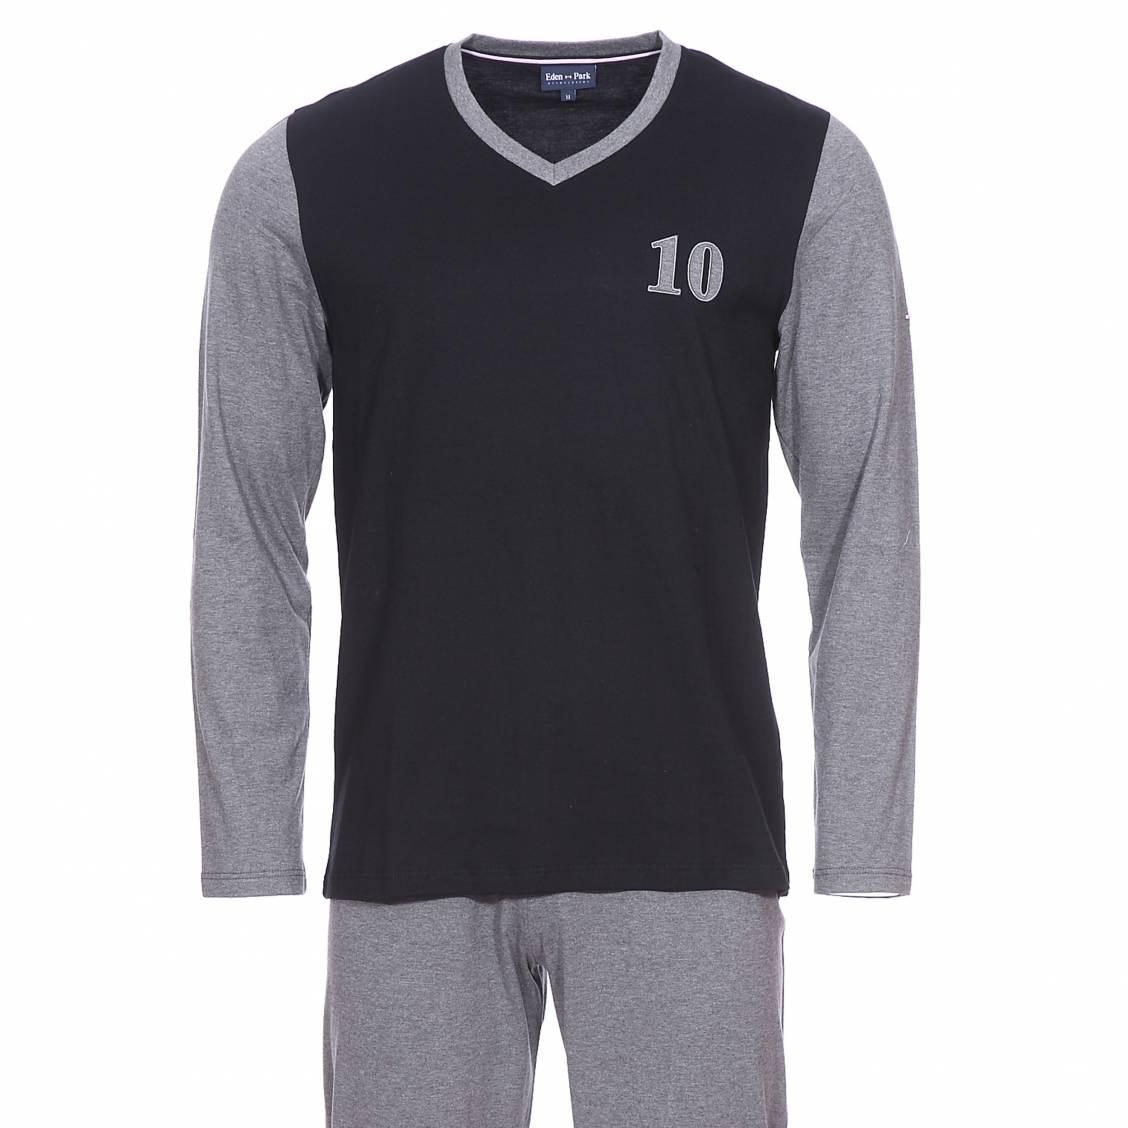 Pyjama long  en coton : tee-shirt manches longues col v noir et gris et pantalon gris